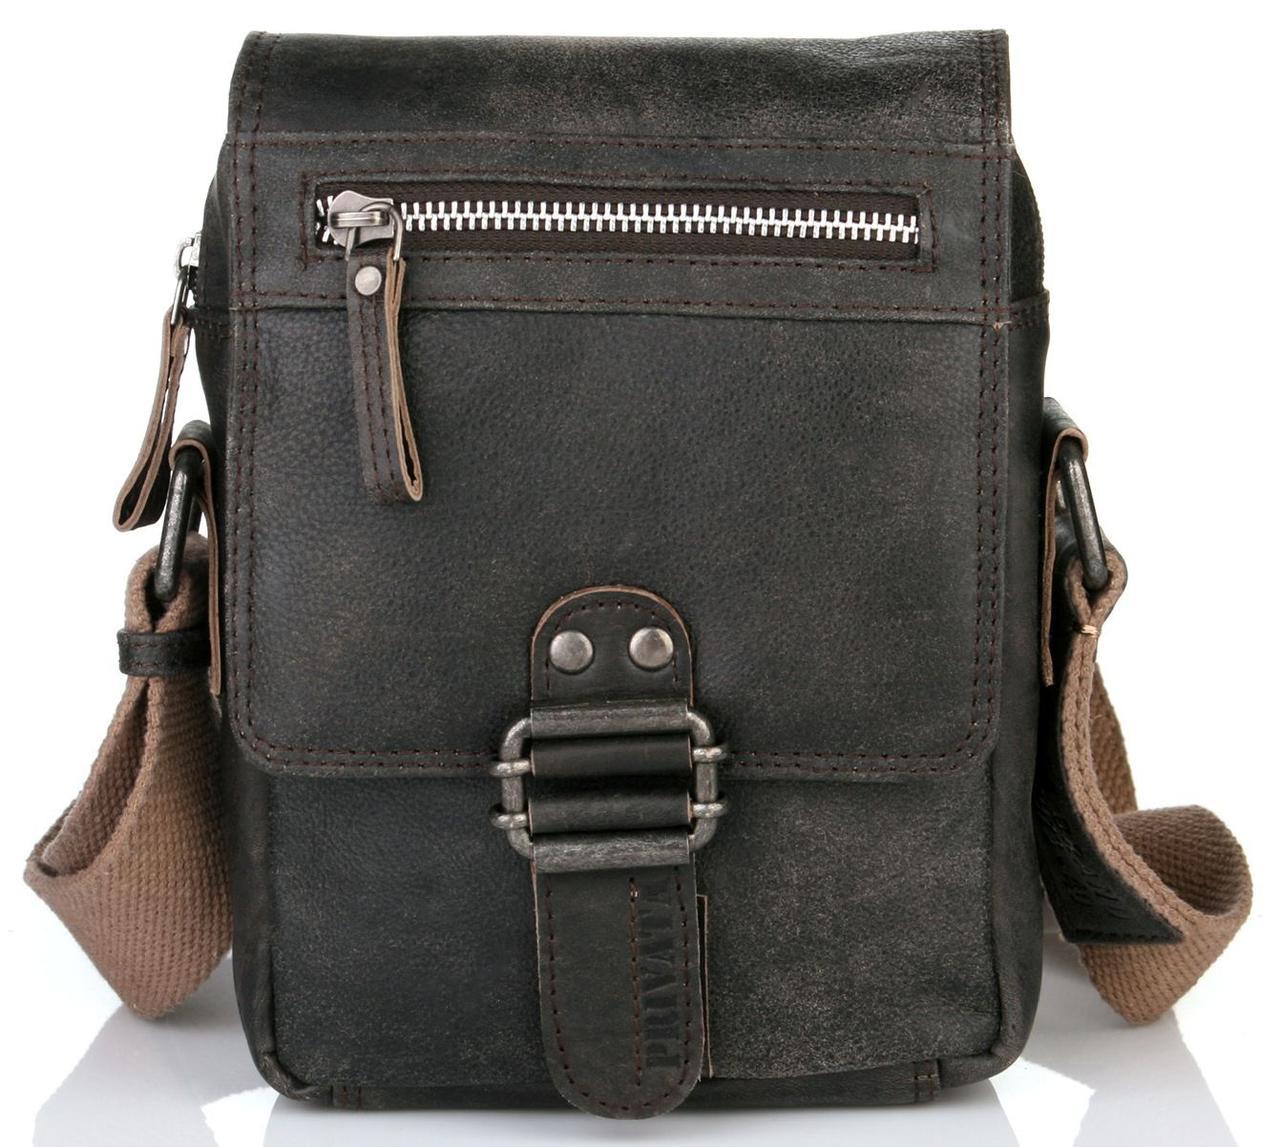 f7e85e258c4c Элитная мужская сумка из натуральной кожи Privata 03400138-01, Черный -  Интеренет магазин сумок